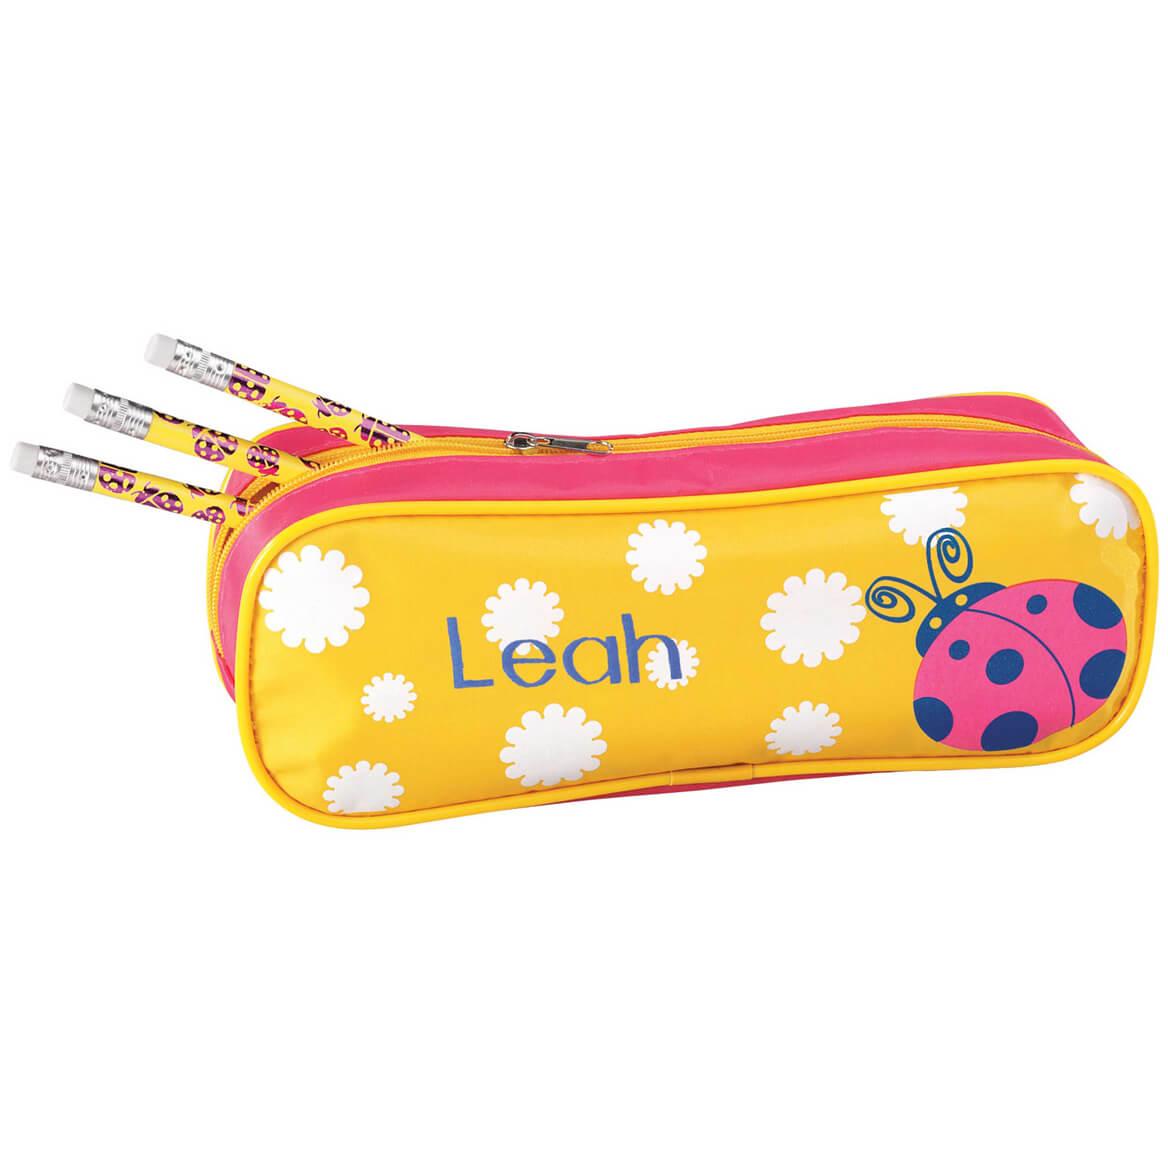 Personalized Ladybug Pencil Case-343648